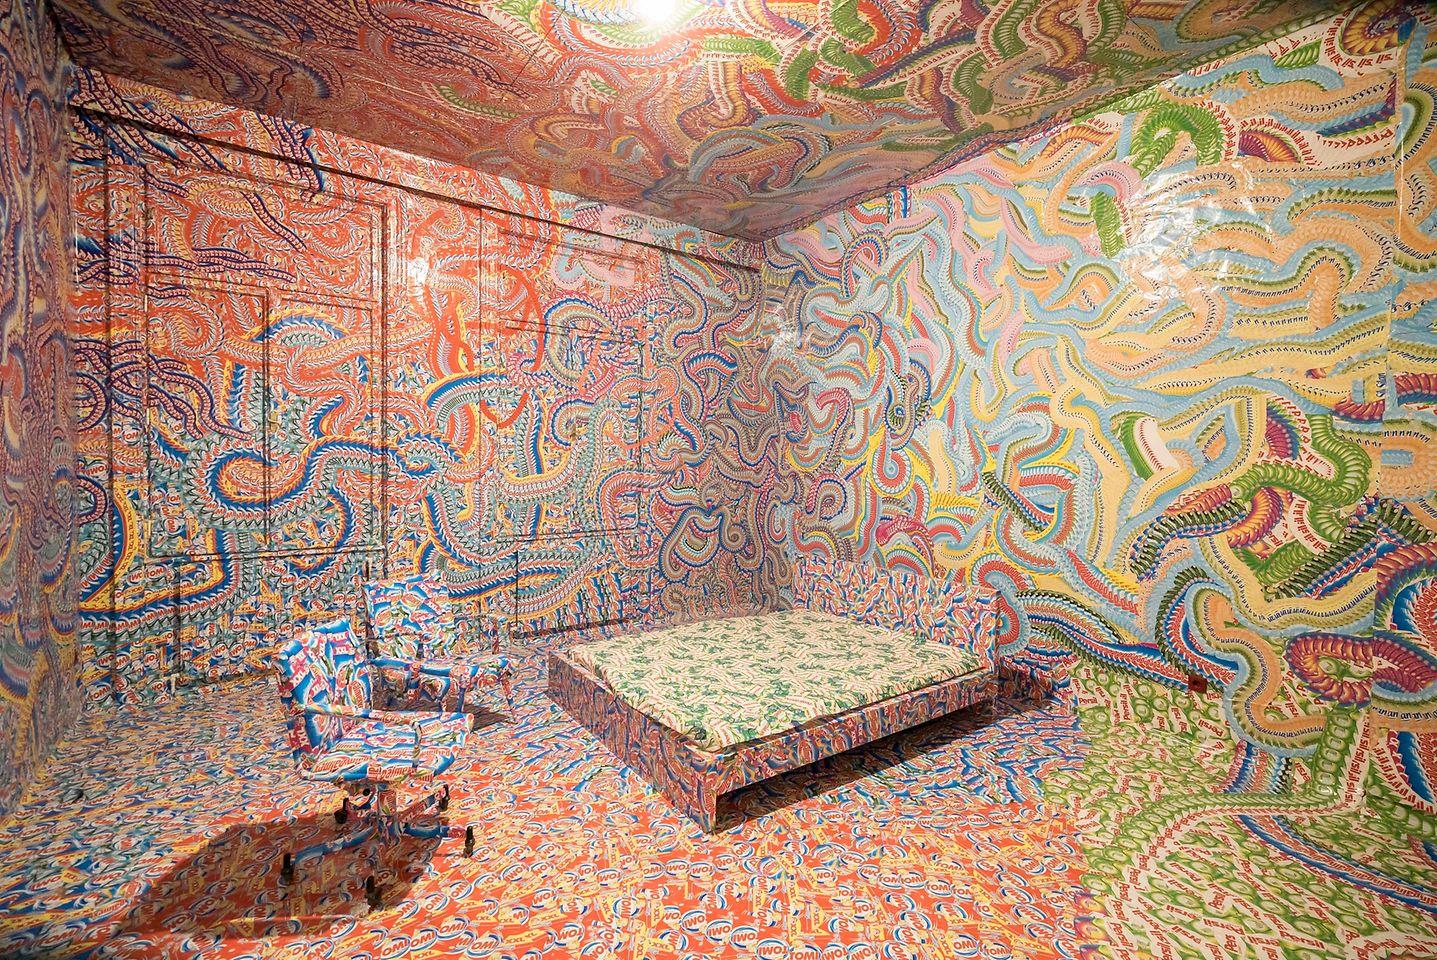 300.000 Henkel-Klebeetiketten, verarbeitet vom Künstler Milan Mladenovic in der RAUMSTATION in der Schikanedergasse 2 im vierten Wiener Gemeindebezirk.